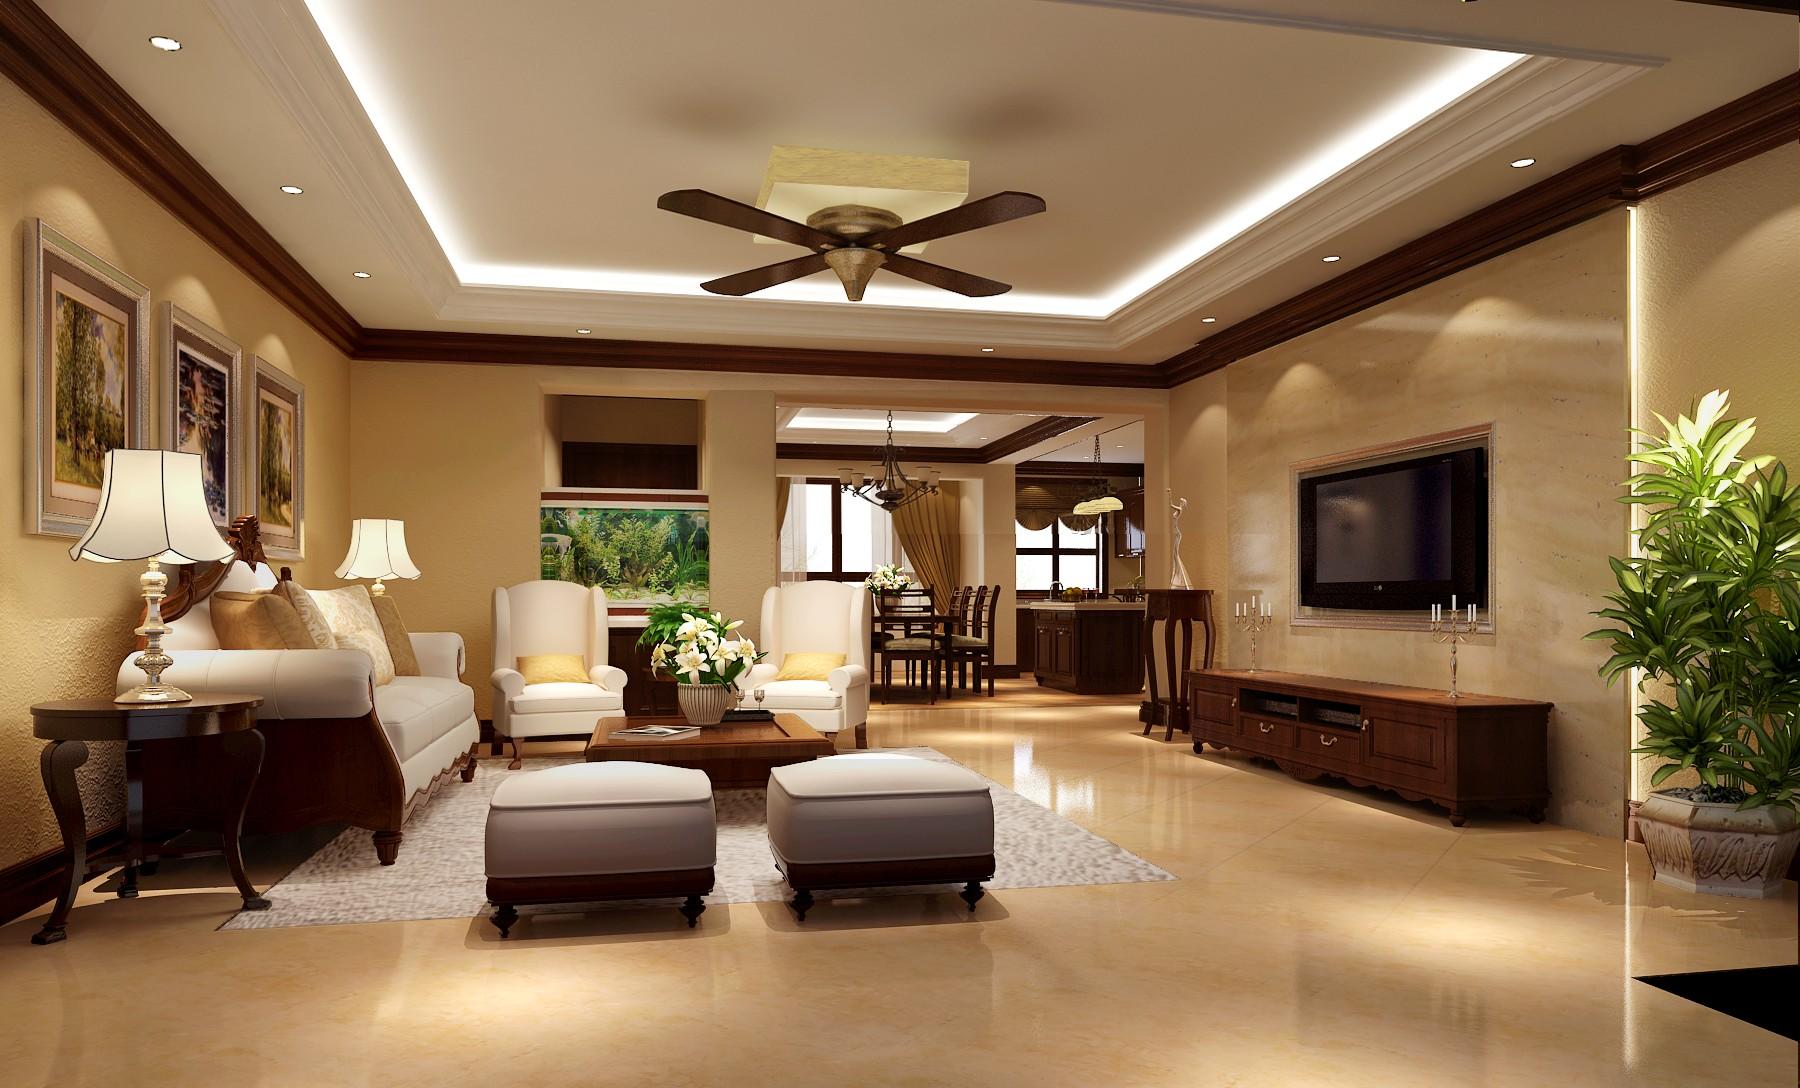 领袖慧谷 高度国际 二居 托斯卡纳 白领 公寓 80后 世界杯 白富美 客厅图片来自北京高度国际装饰设计在领袖慧谷托斯卡纳公寓的分享